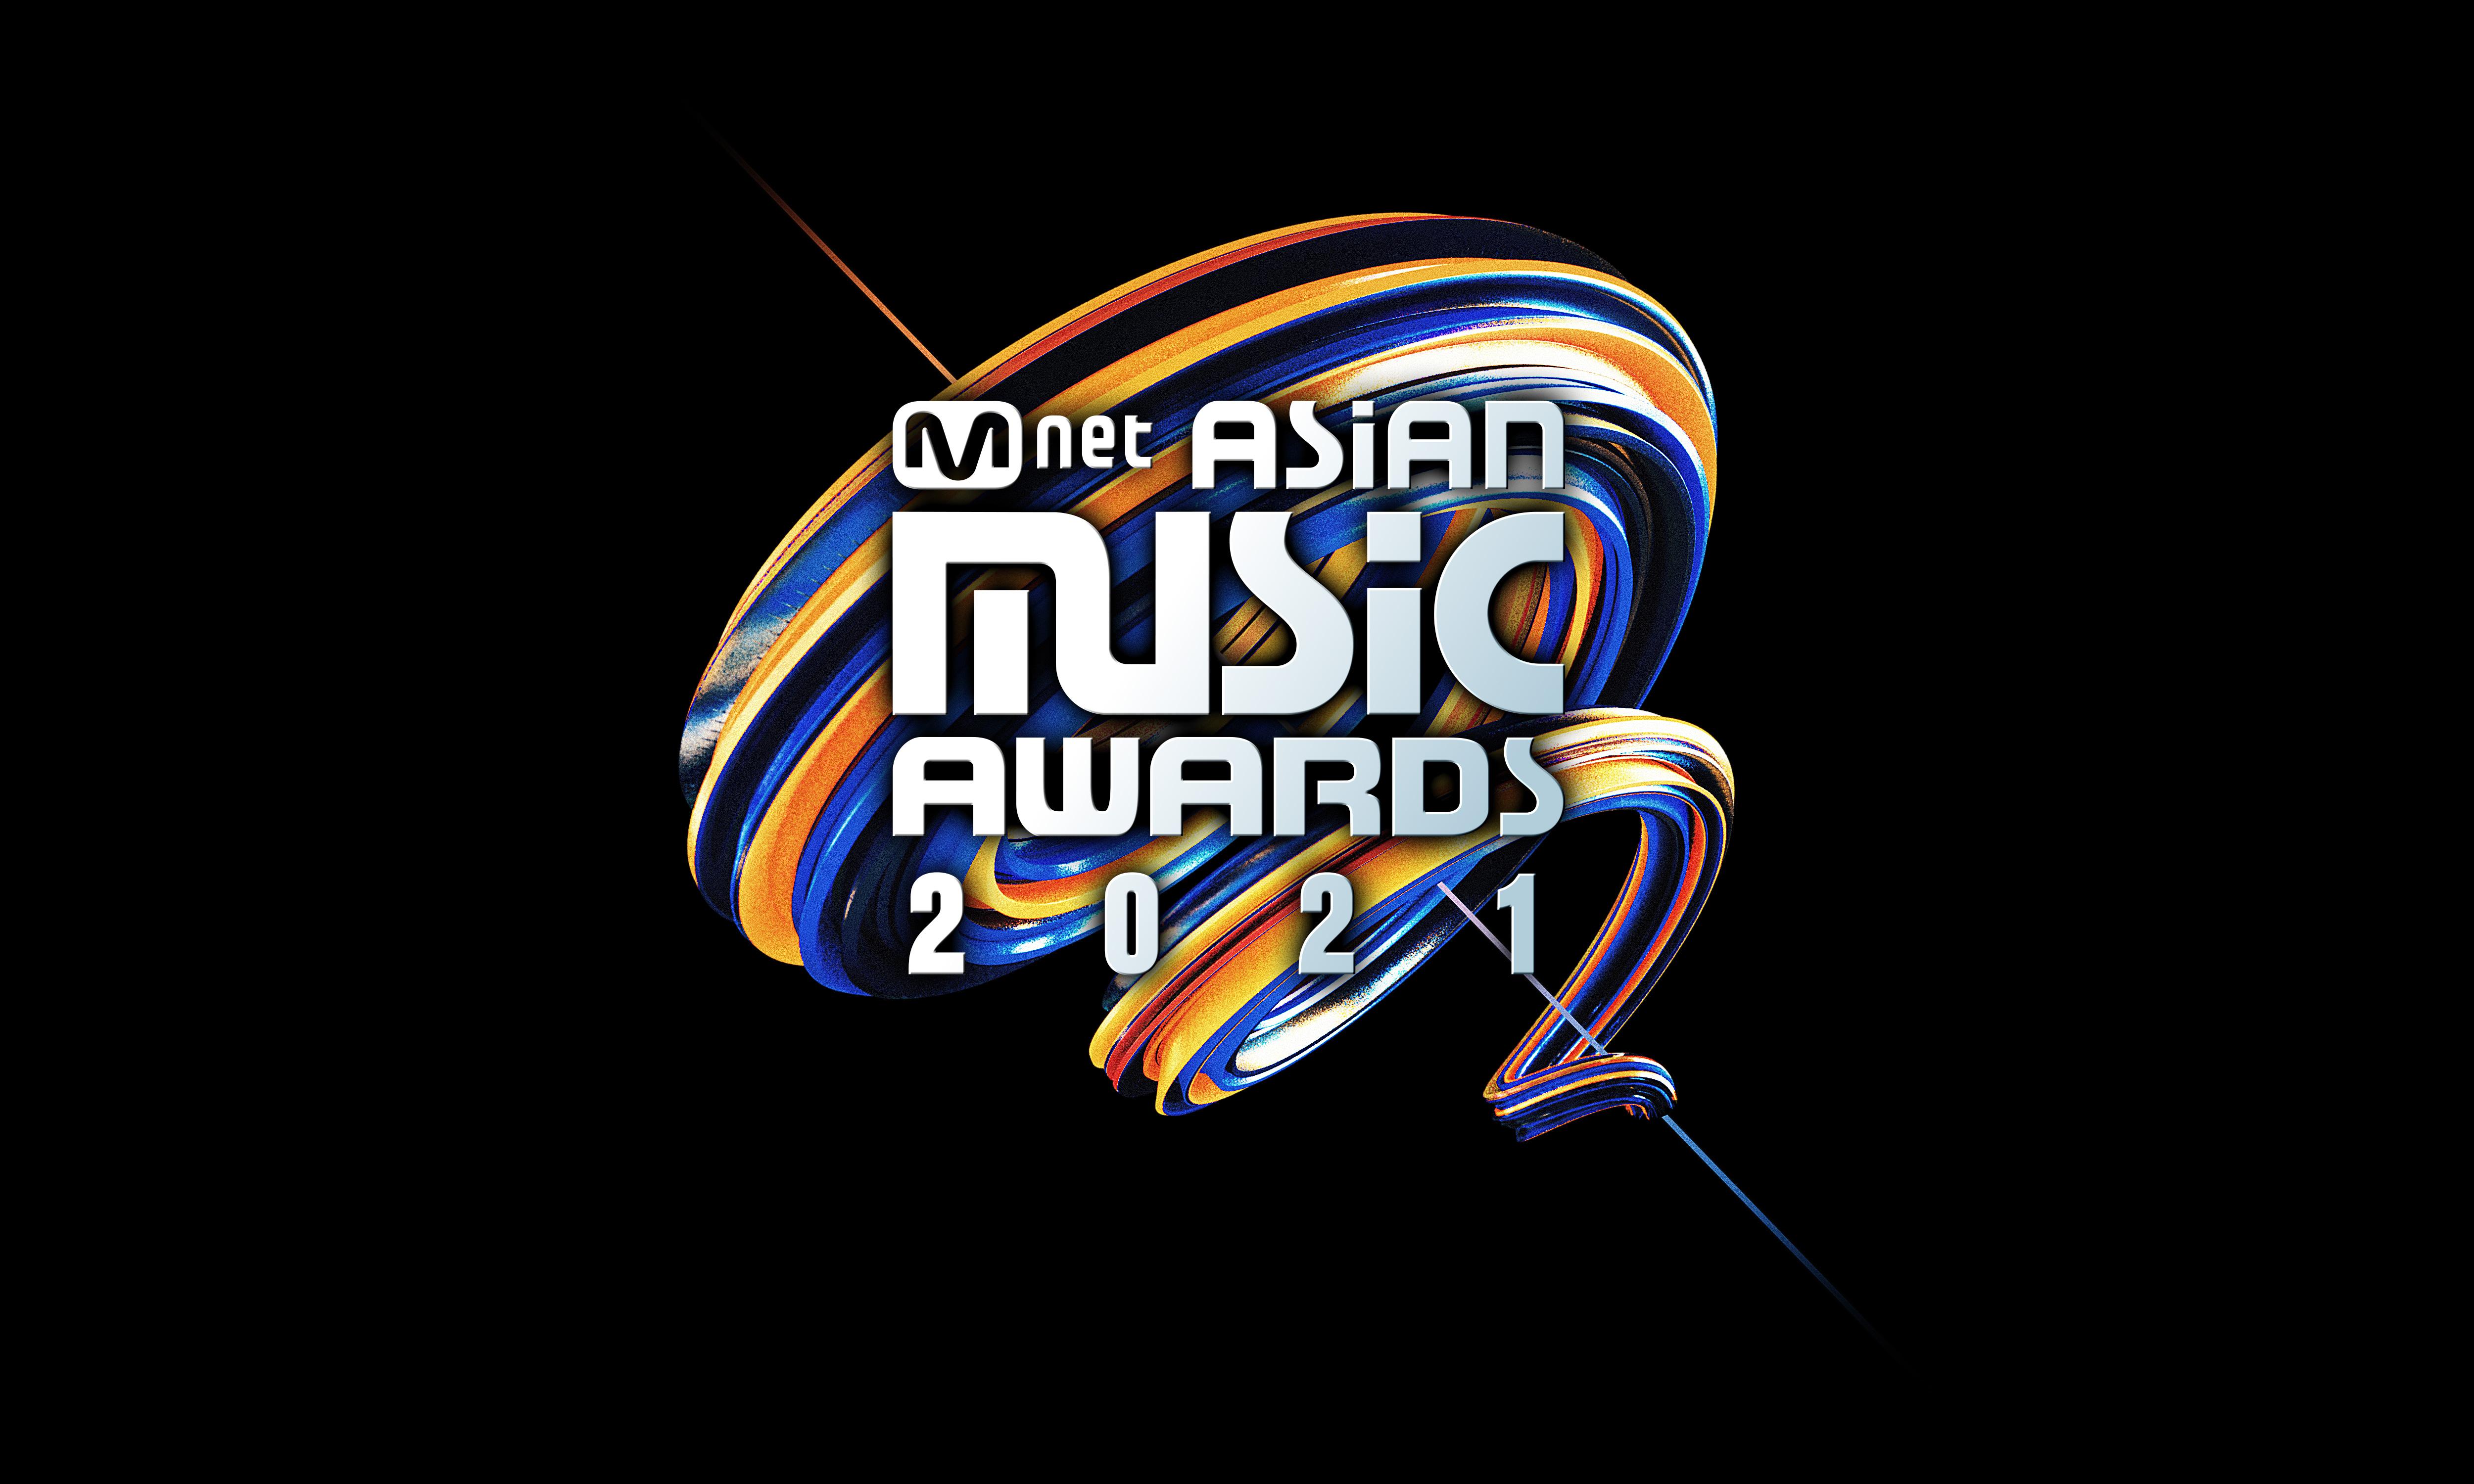 世界最大級のK-POP 音楽授賞式 「 2021 MAMA 」 今年も Mnet&Mnet Smart で生中継/生配信予定! 12 月 11 日 韓国にて開催!